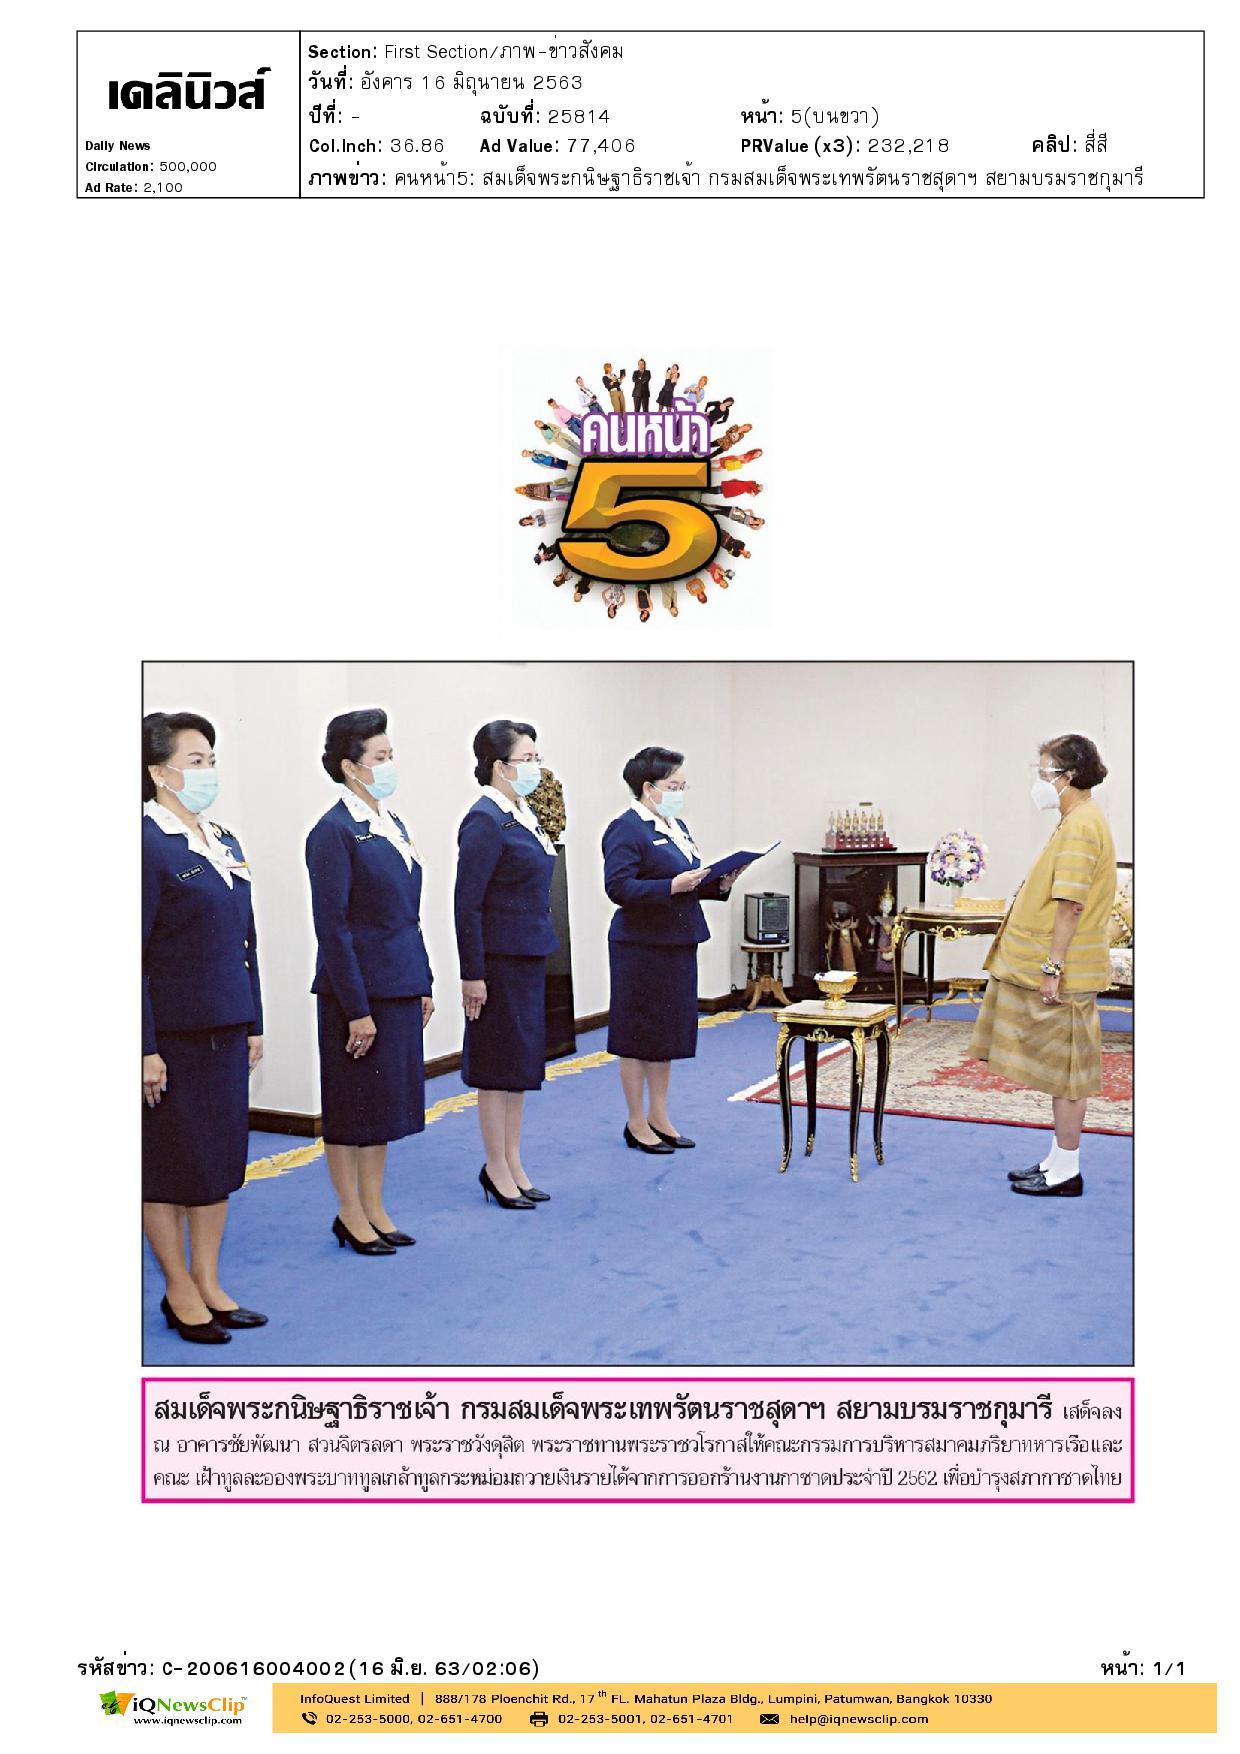 การออกร้านงานกาชาดประจำปี 2562 เพื่อบำรุงสภากาชาดไทย